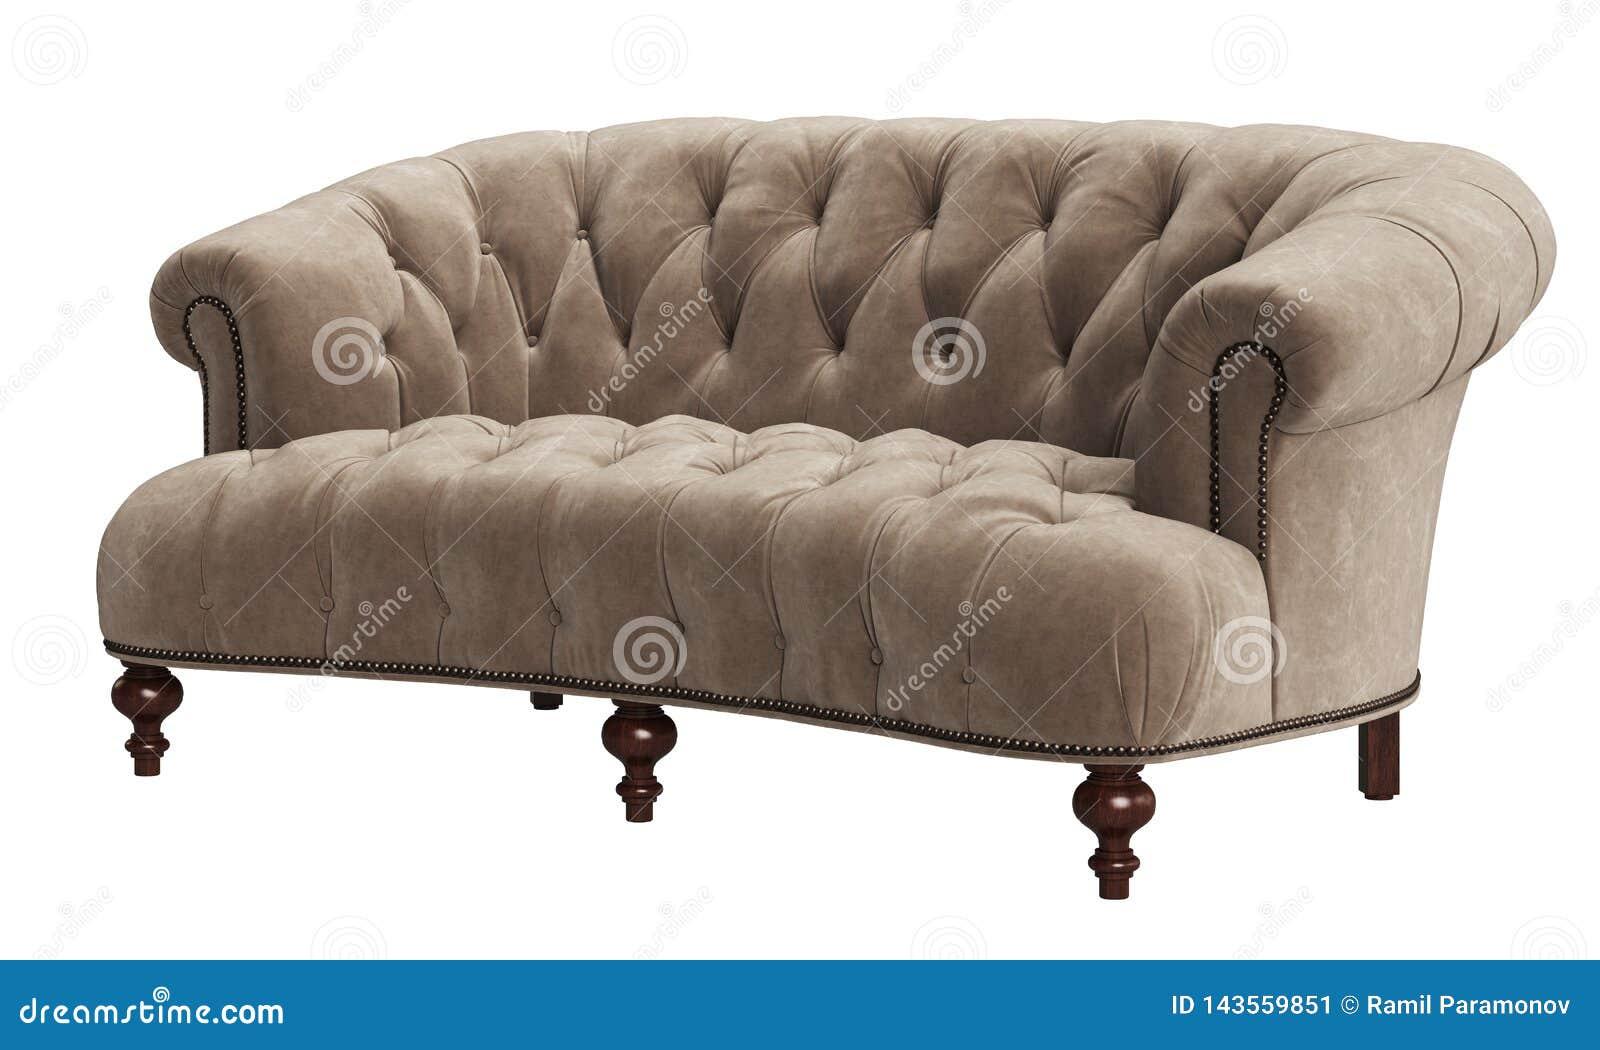 在白色背景隔绝的经典装缨球沙发